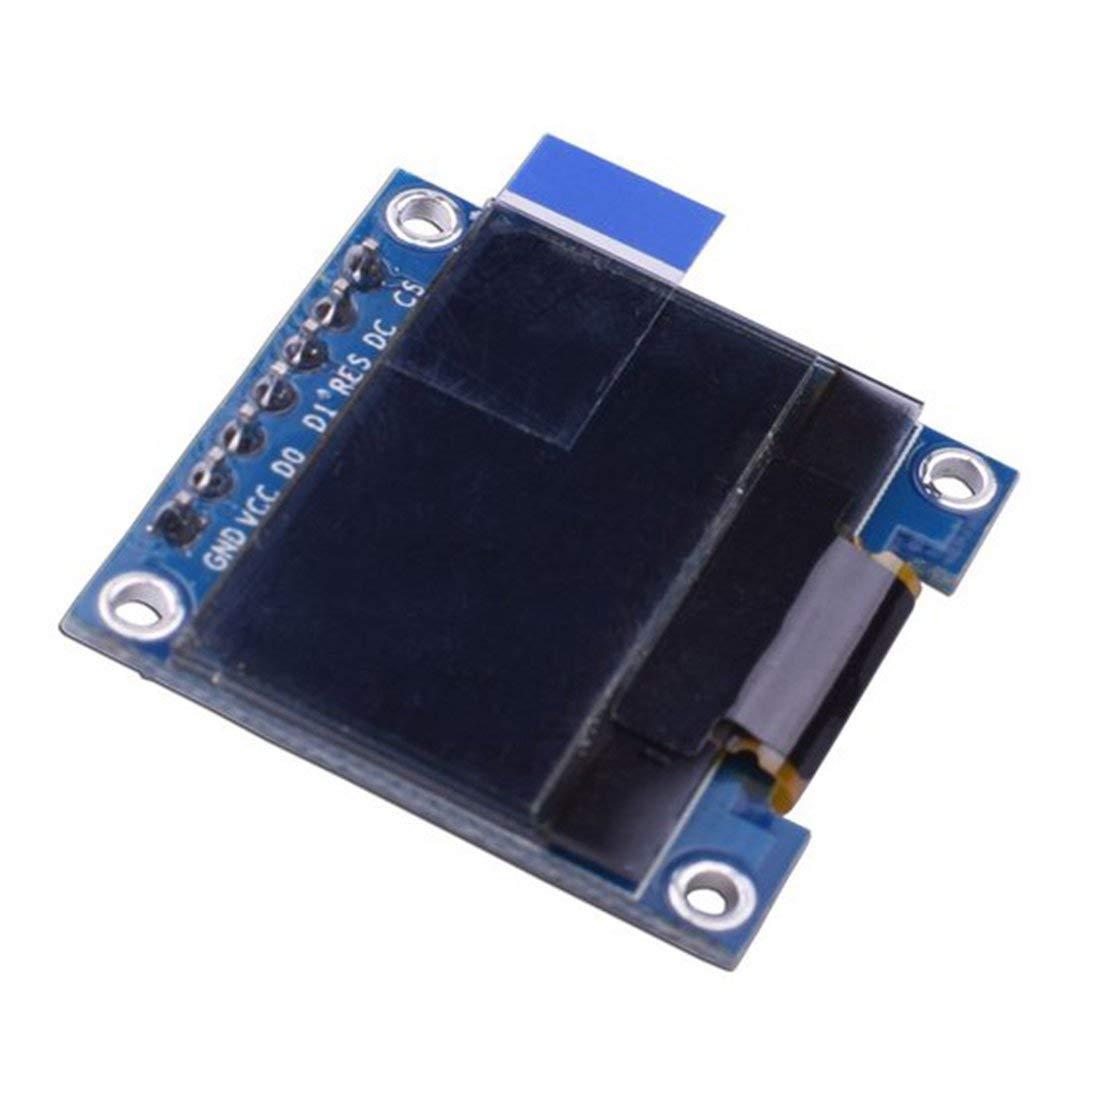 0, 96 Zoll 7 Pin 128 x 64 SPI OLED-Anzeigenmodul fü r Arduino-kompatible SCM- und DIY-Kits Modulplatine SPI OLED-Anzeige - Blau Sanzhileg